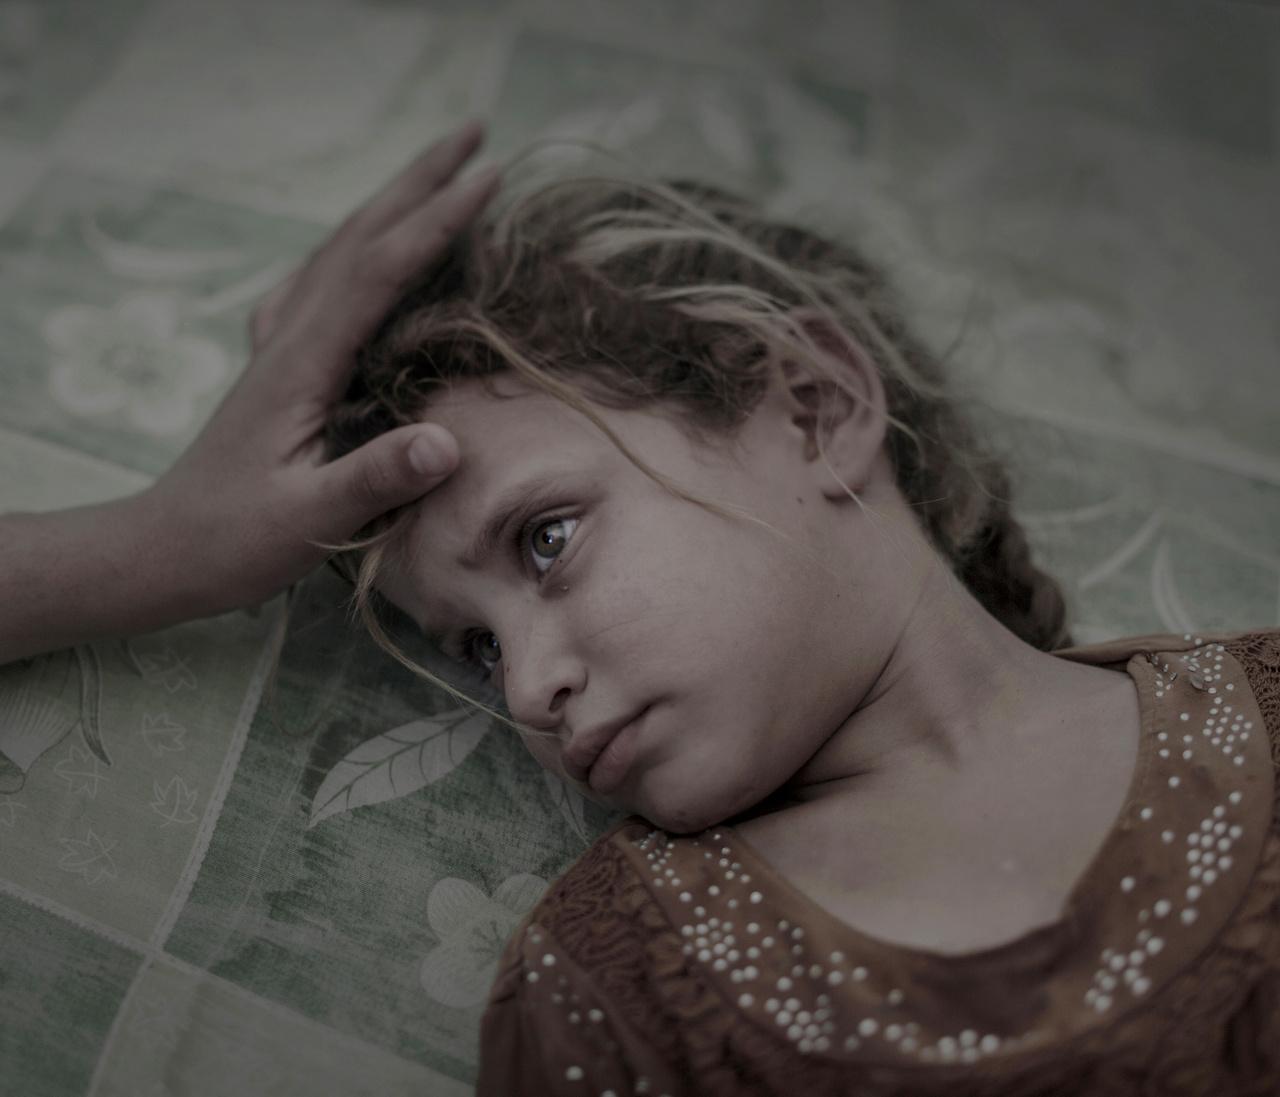 Emberek a hírekben (egyedi) I. helyAz ötéves Maha a családjával menekült Moszulból, miután megindult a város visszafoglalására indított offenzíva az Iszlám Állam ellen.